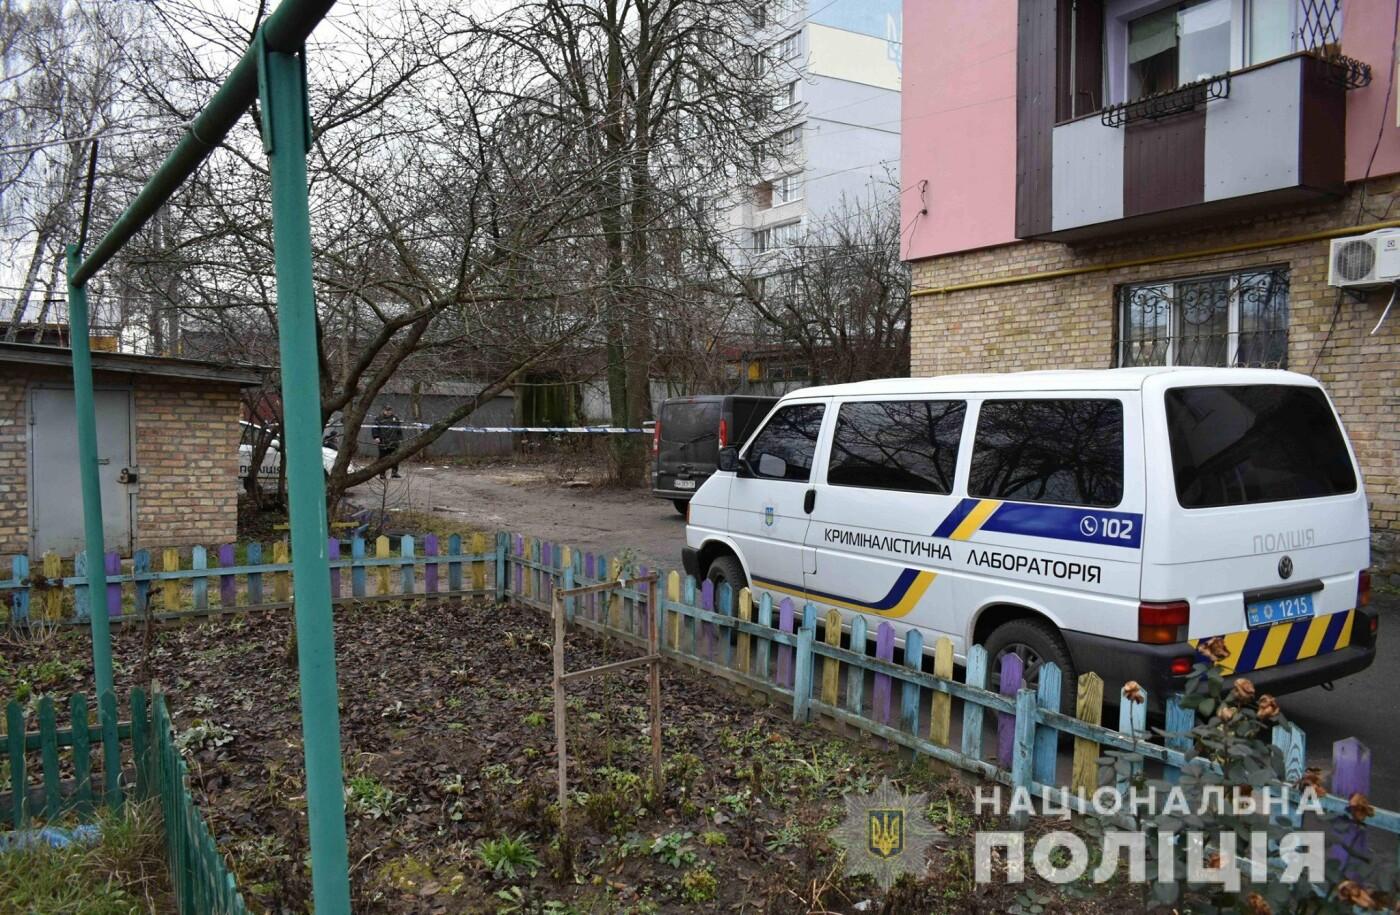 На Киевщине водитель совершил смертельное ДТП и скрылся, - ФОТО  , фото-2